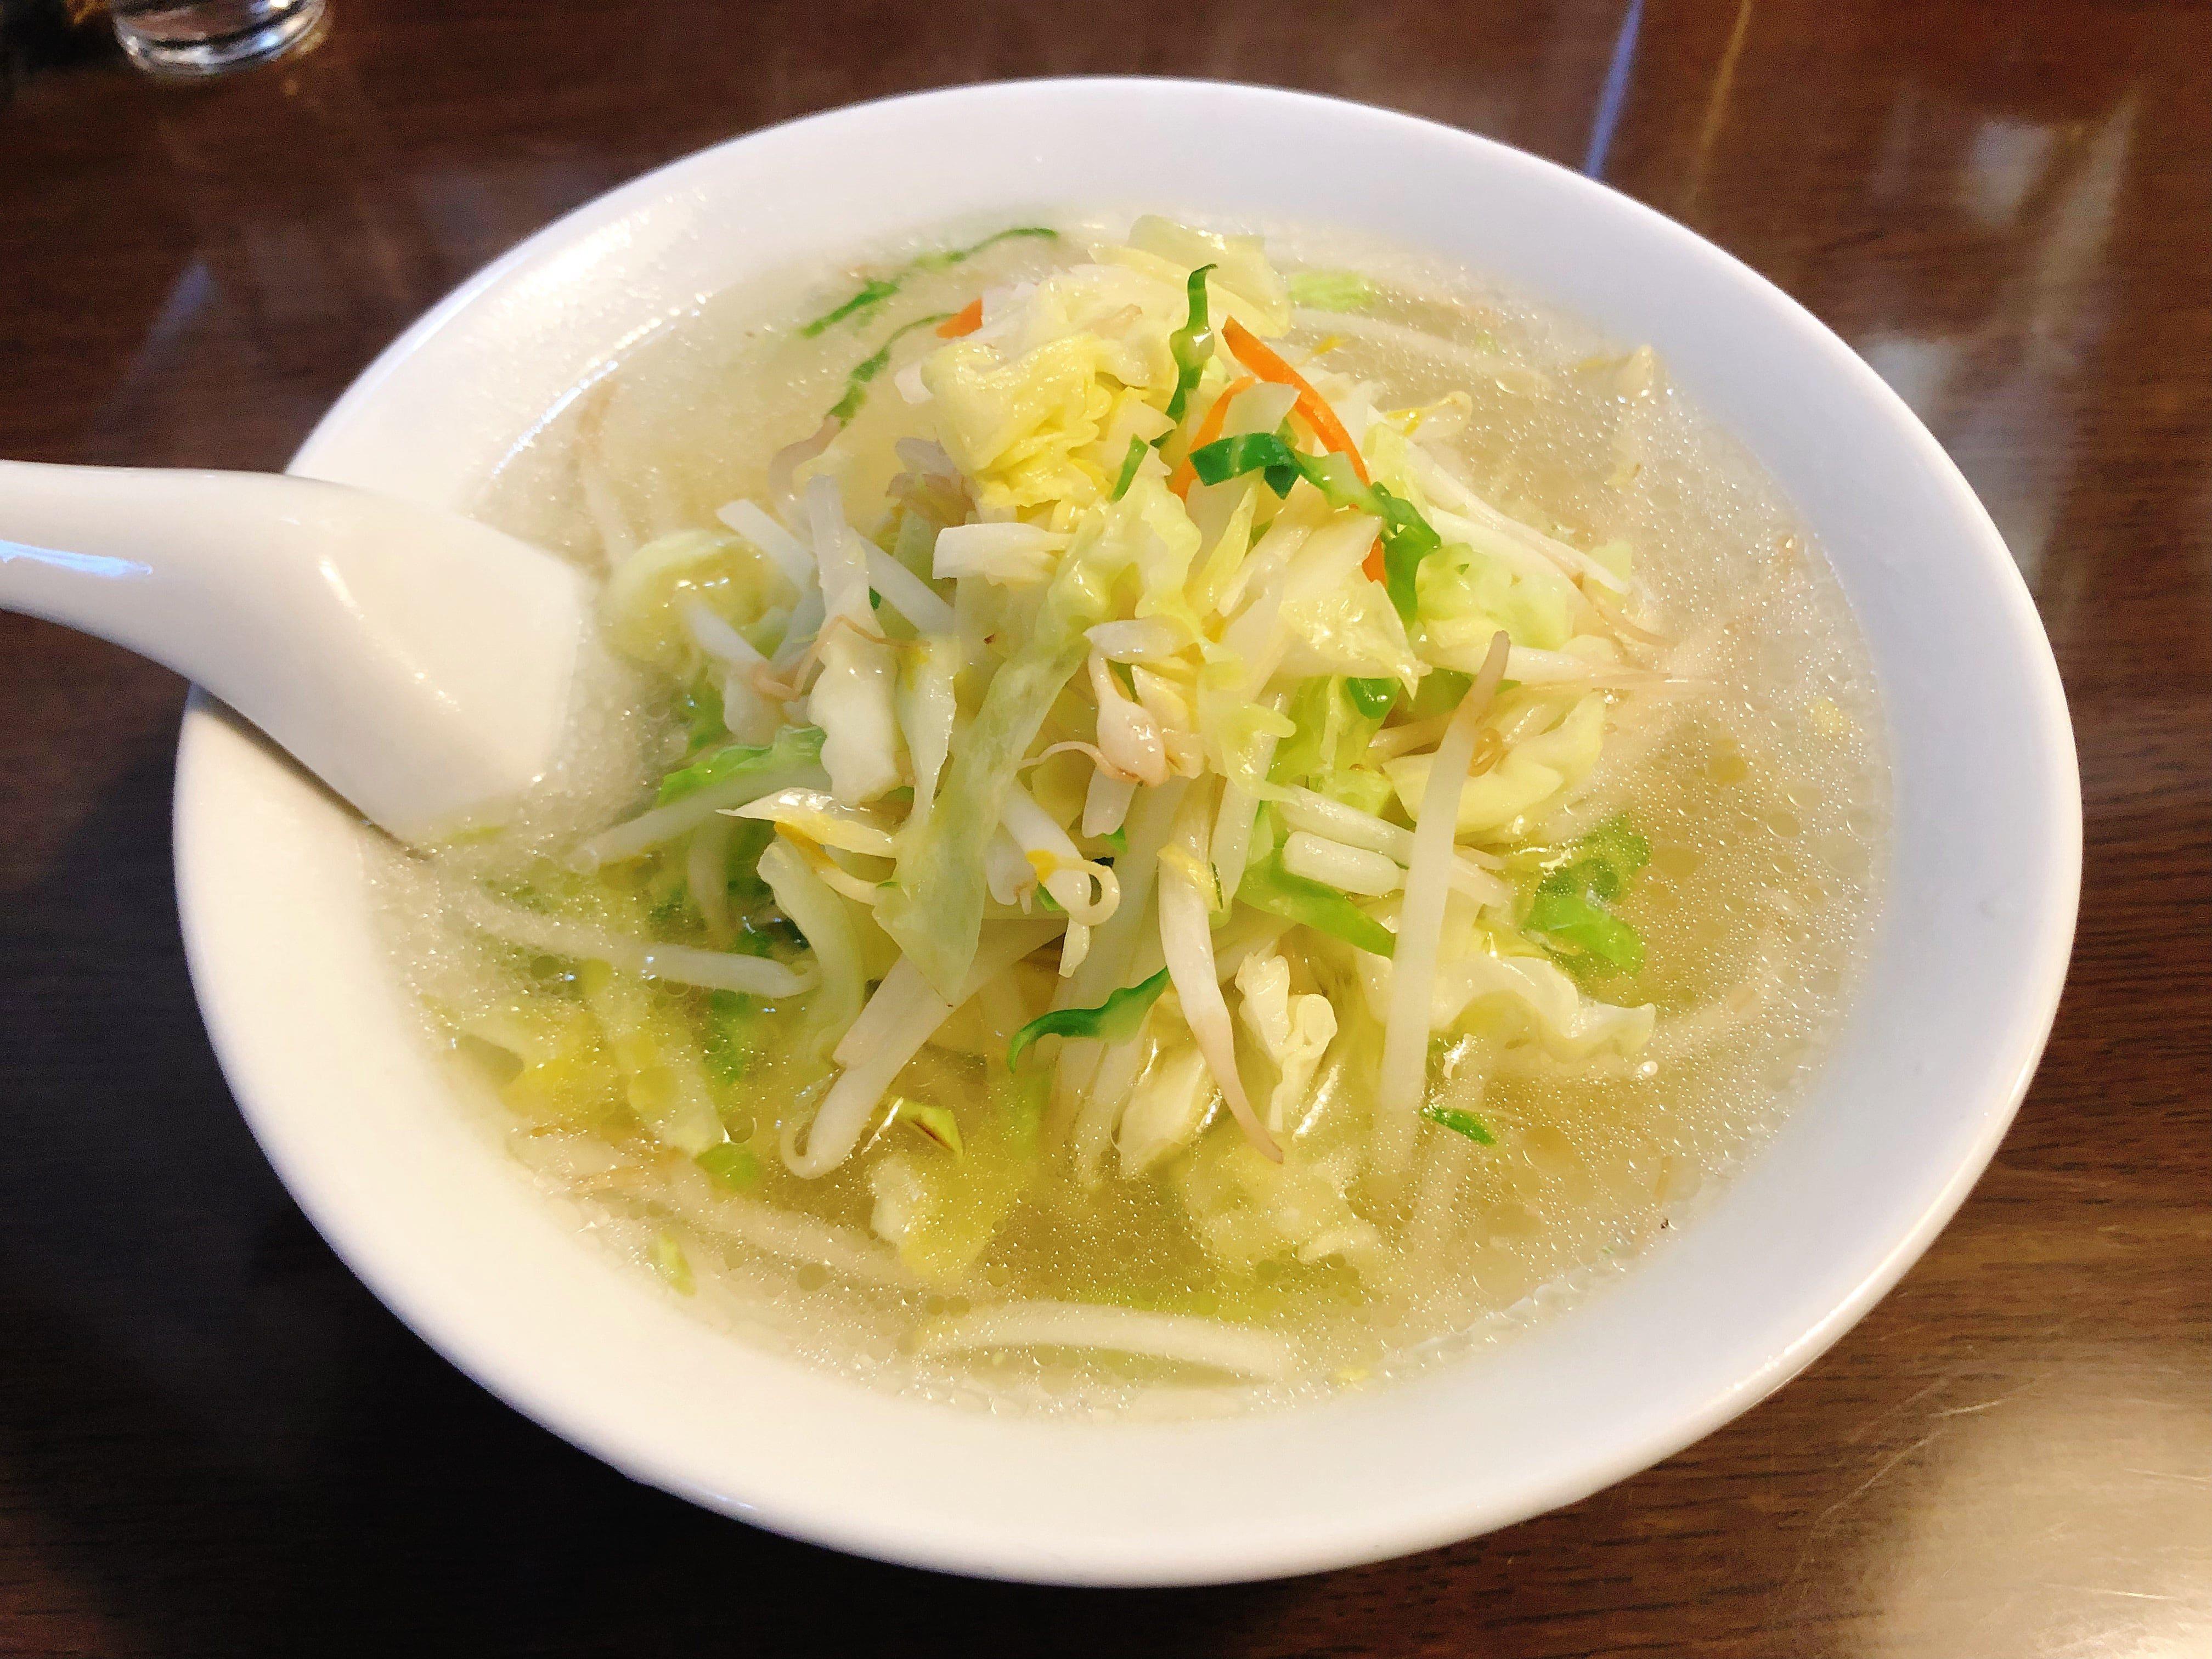 美しく透き通る奥深いスープに絶妙な火加減によって仕上がる シャキシャキの新鮮な野菜を乗せた日本最強の『タンメン』@はつね【西荻窪】